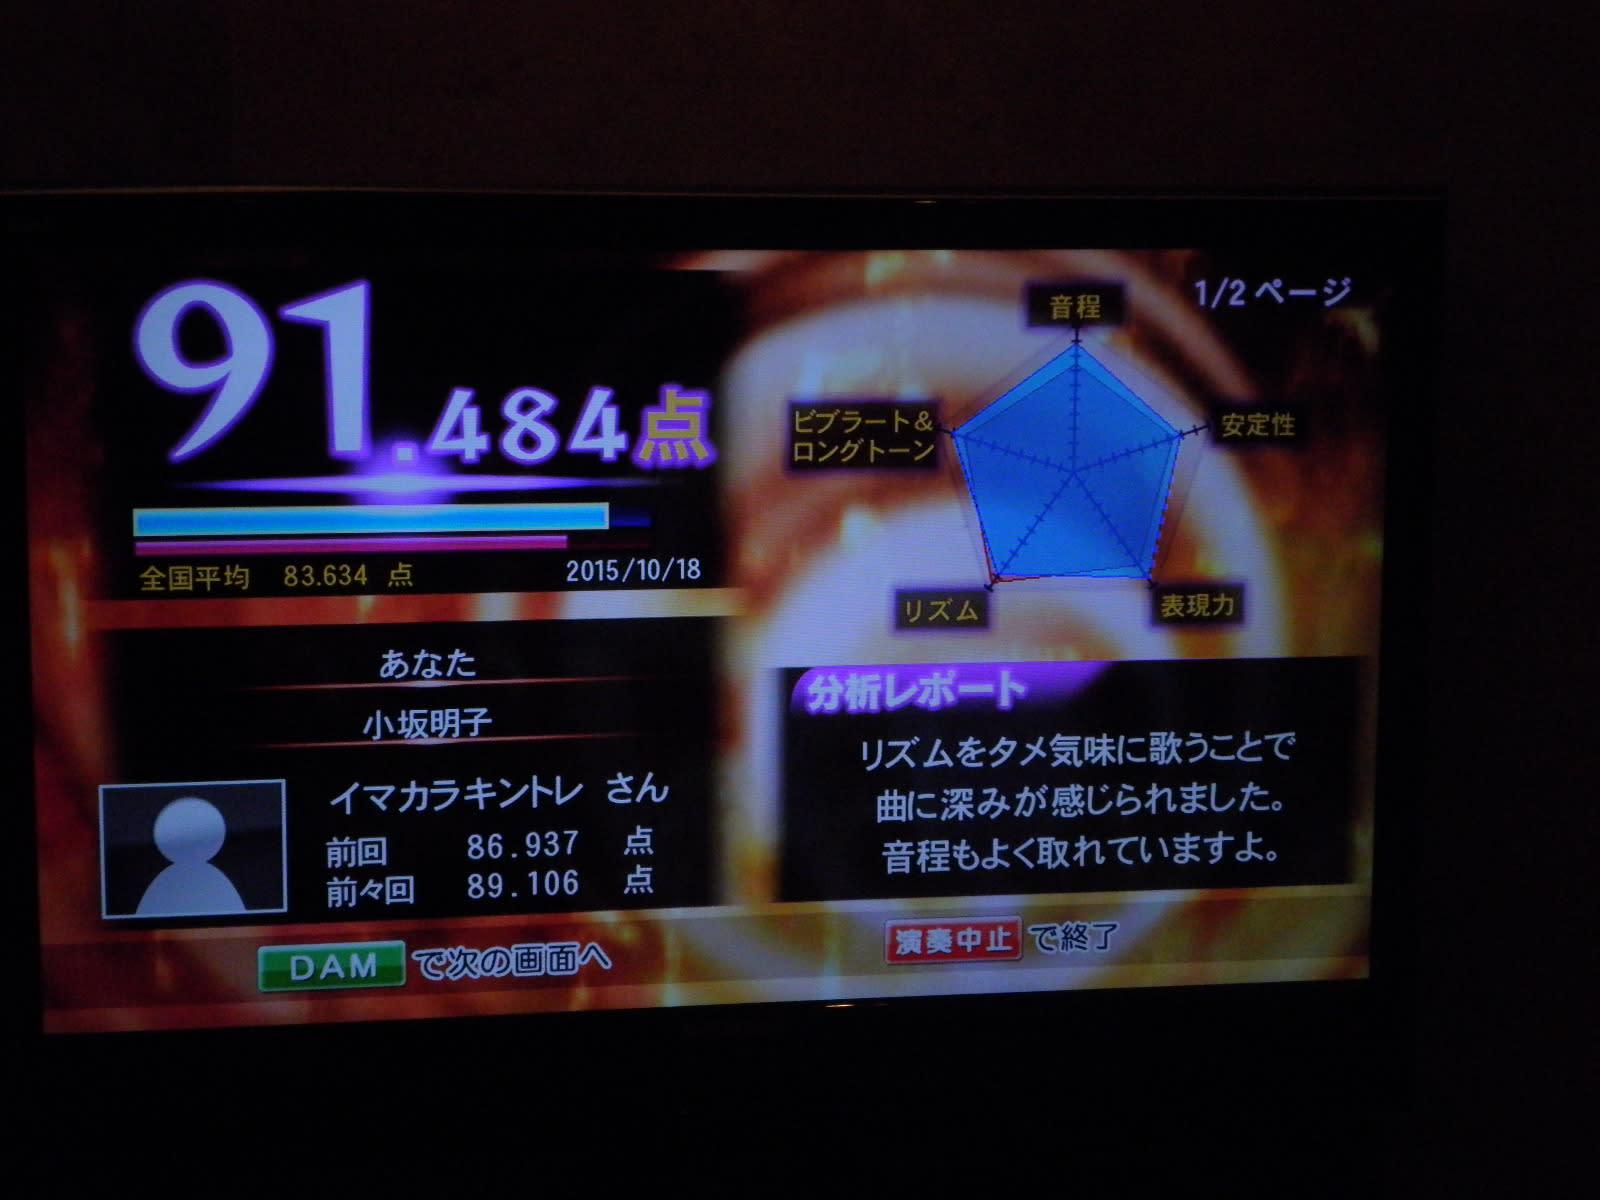 カラオケ 90点 dam